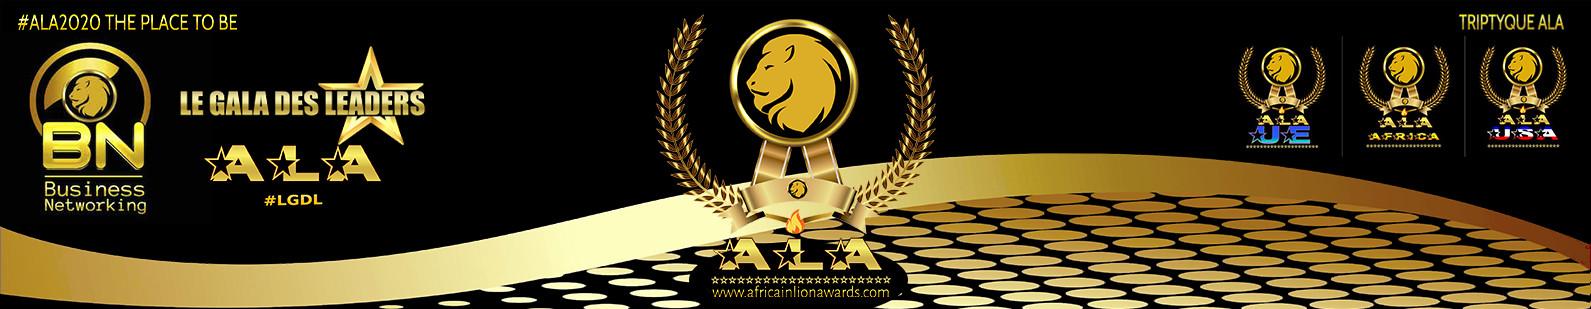 BIENVENUE SUR AFRICAIN LION AWARDS .COM